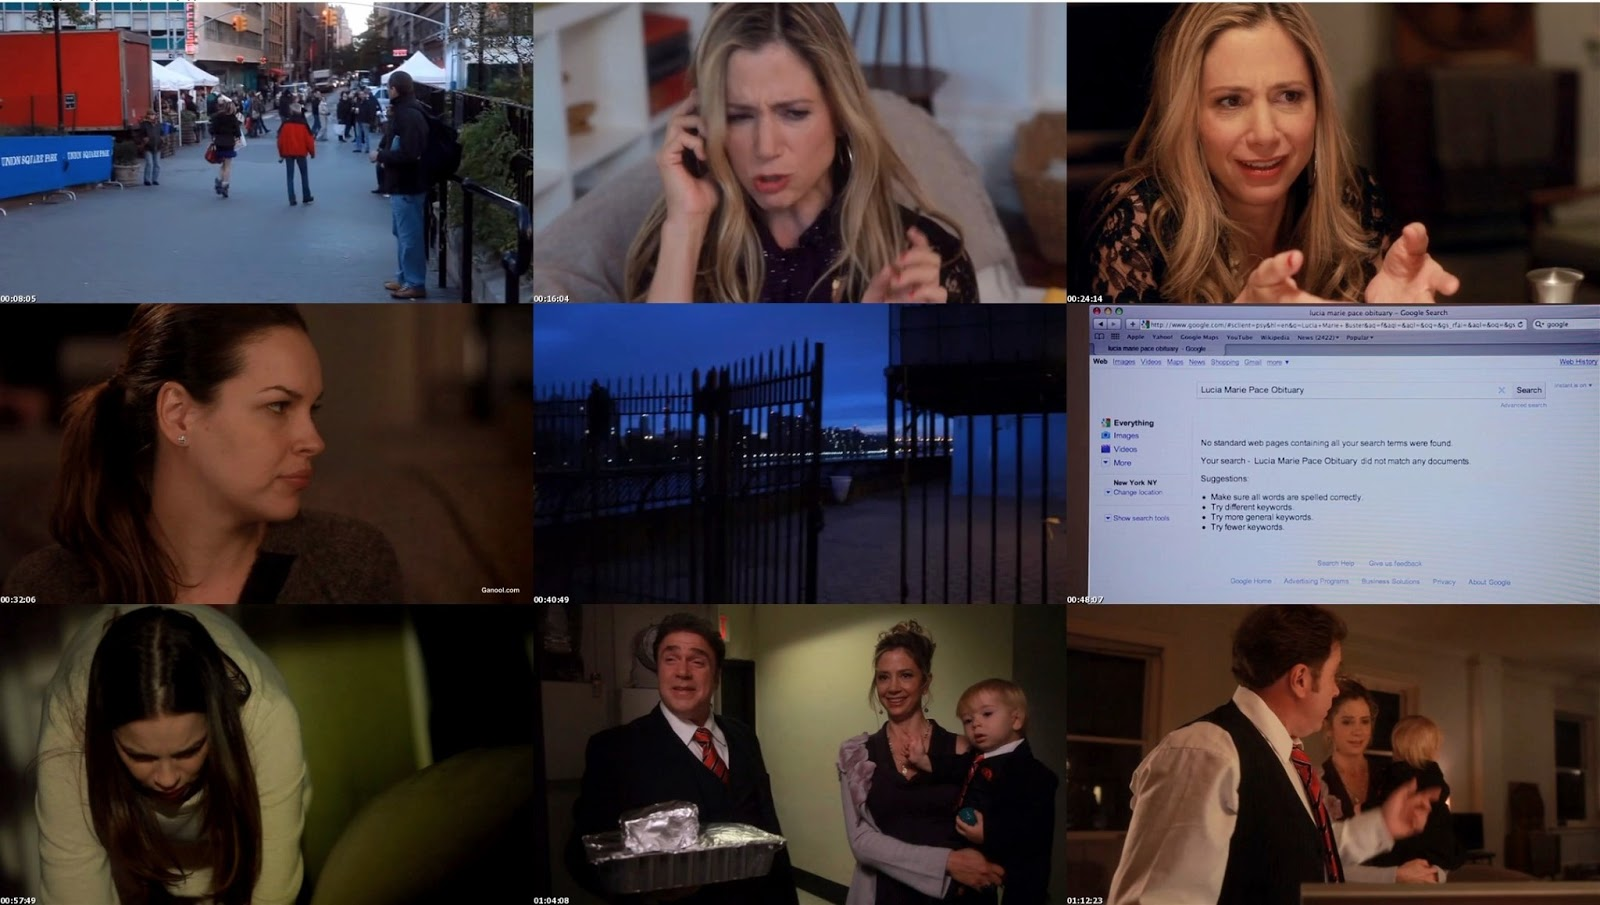 movie screenshot of Union Square fdmovie.com